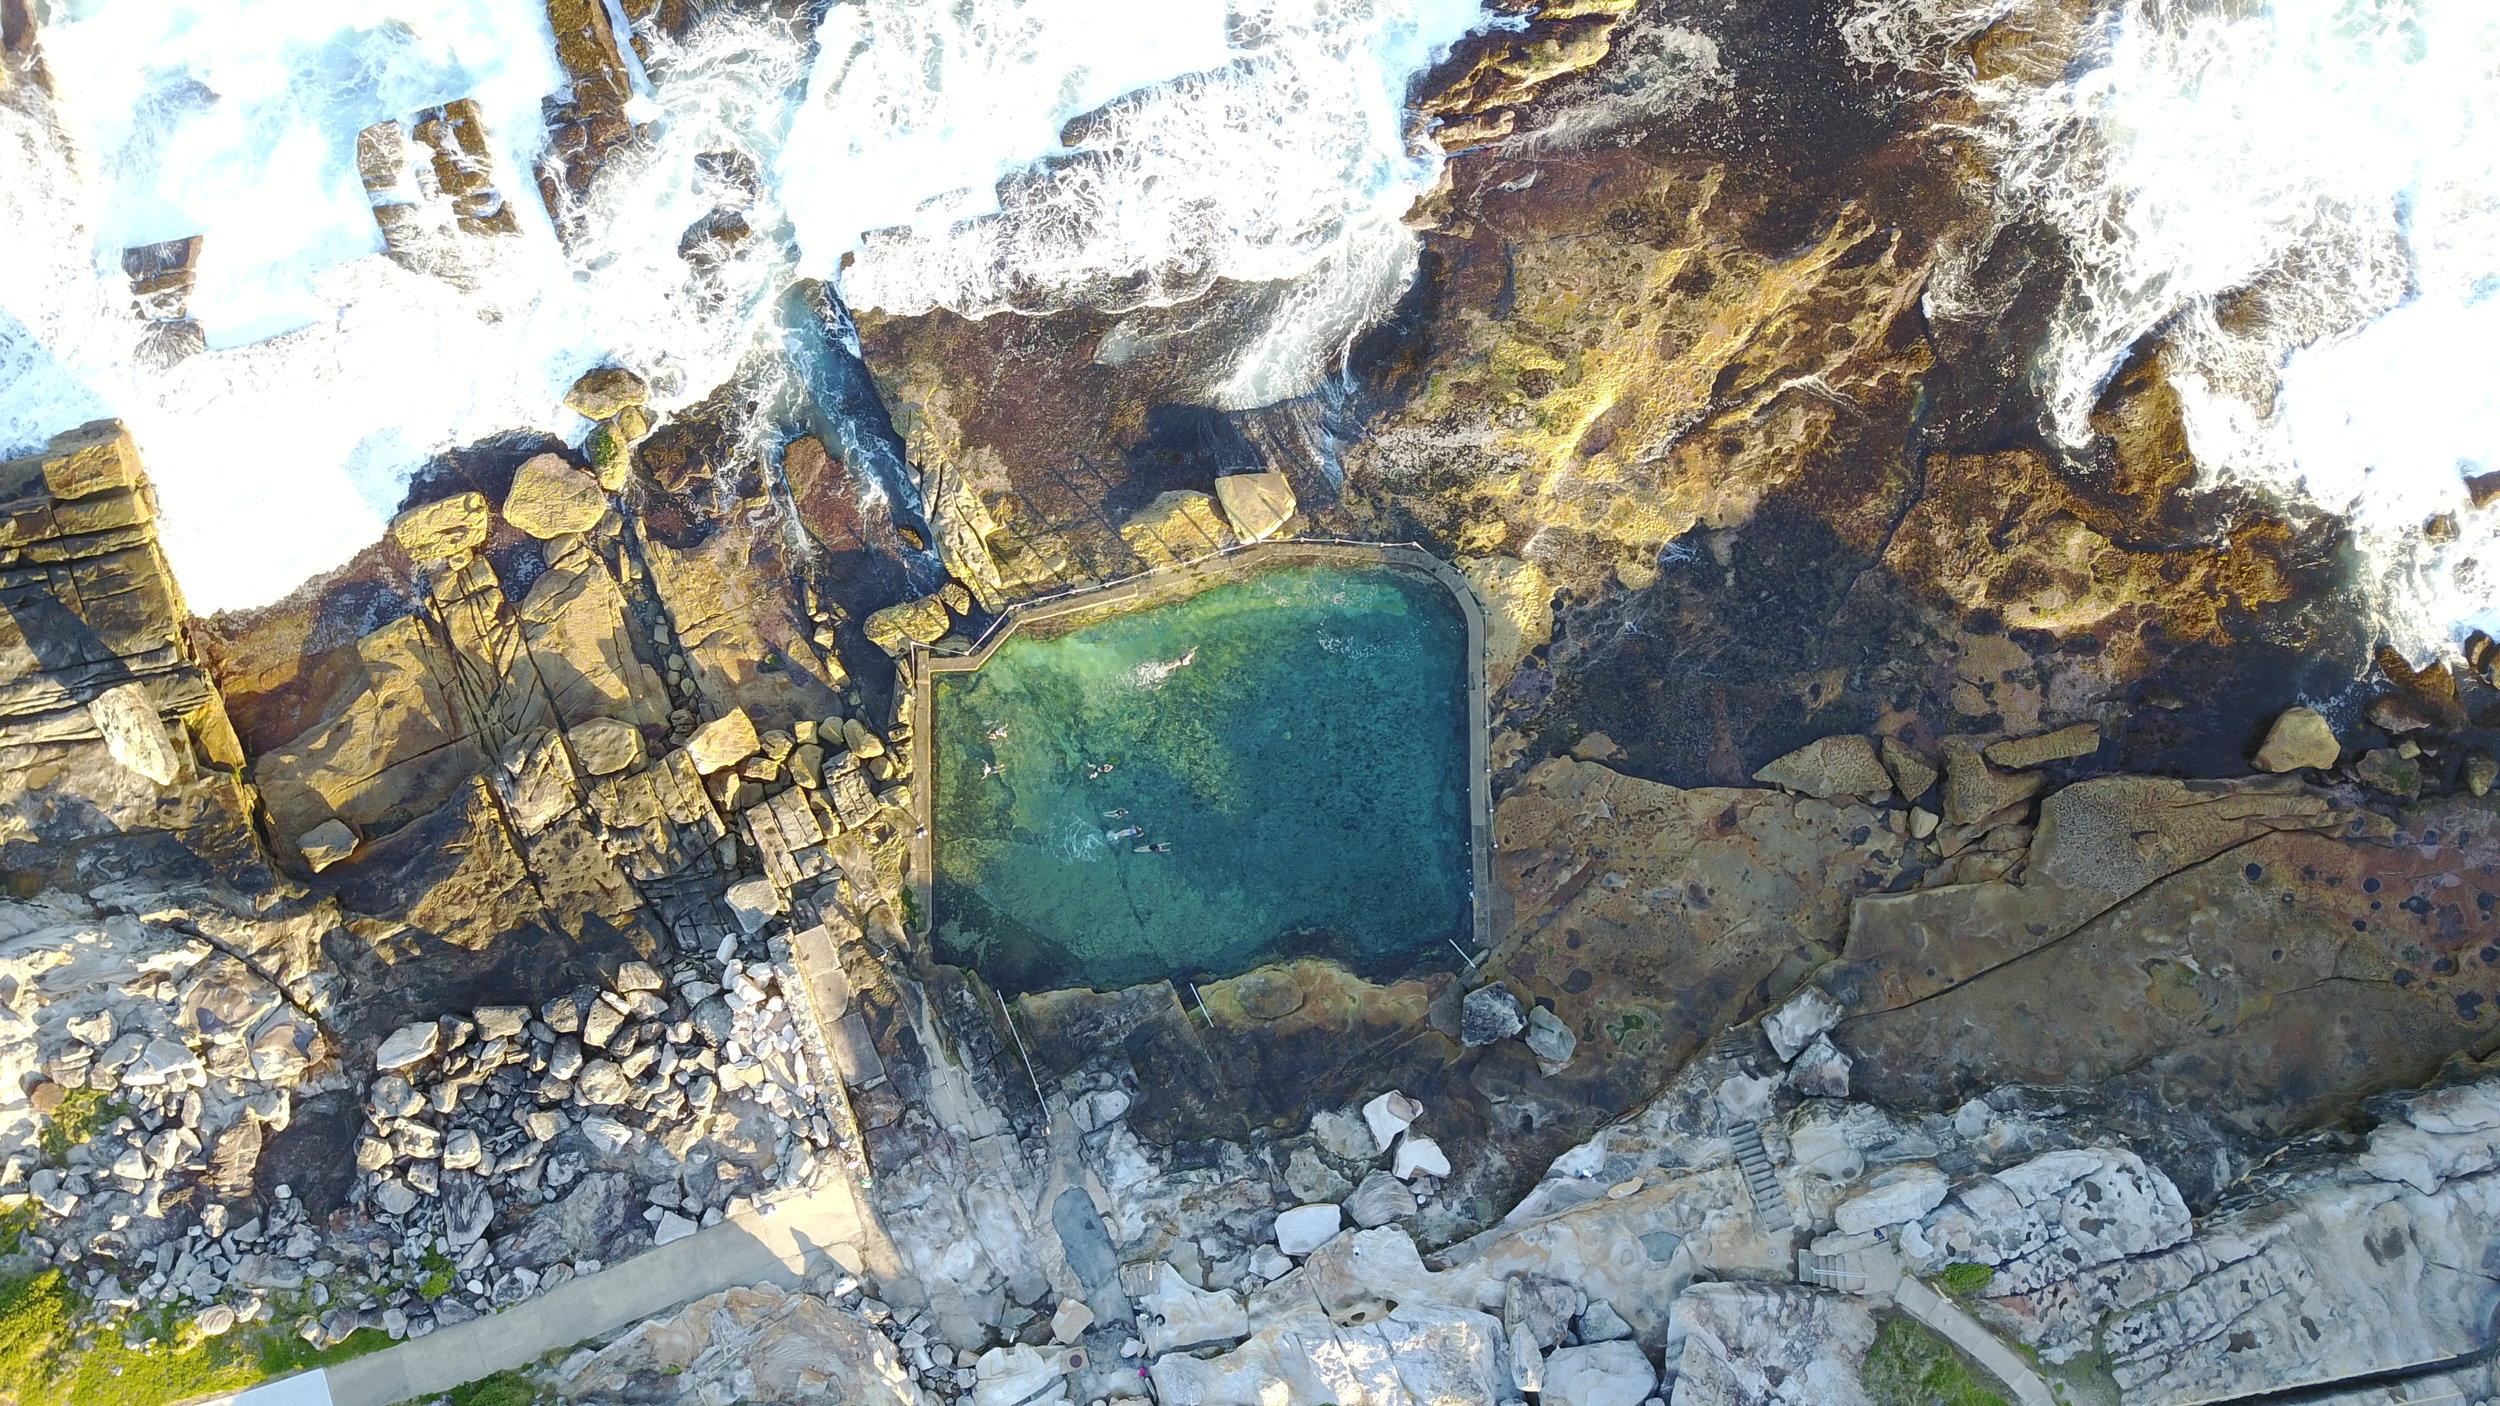 mahon - mahon ocean pool, maroubra nsw